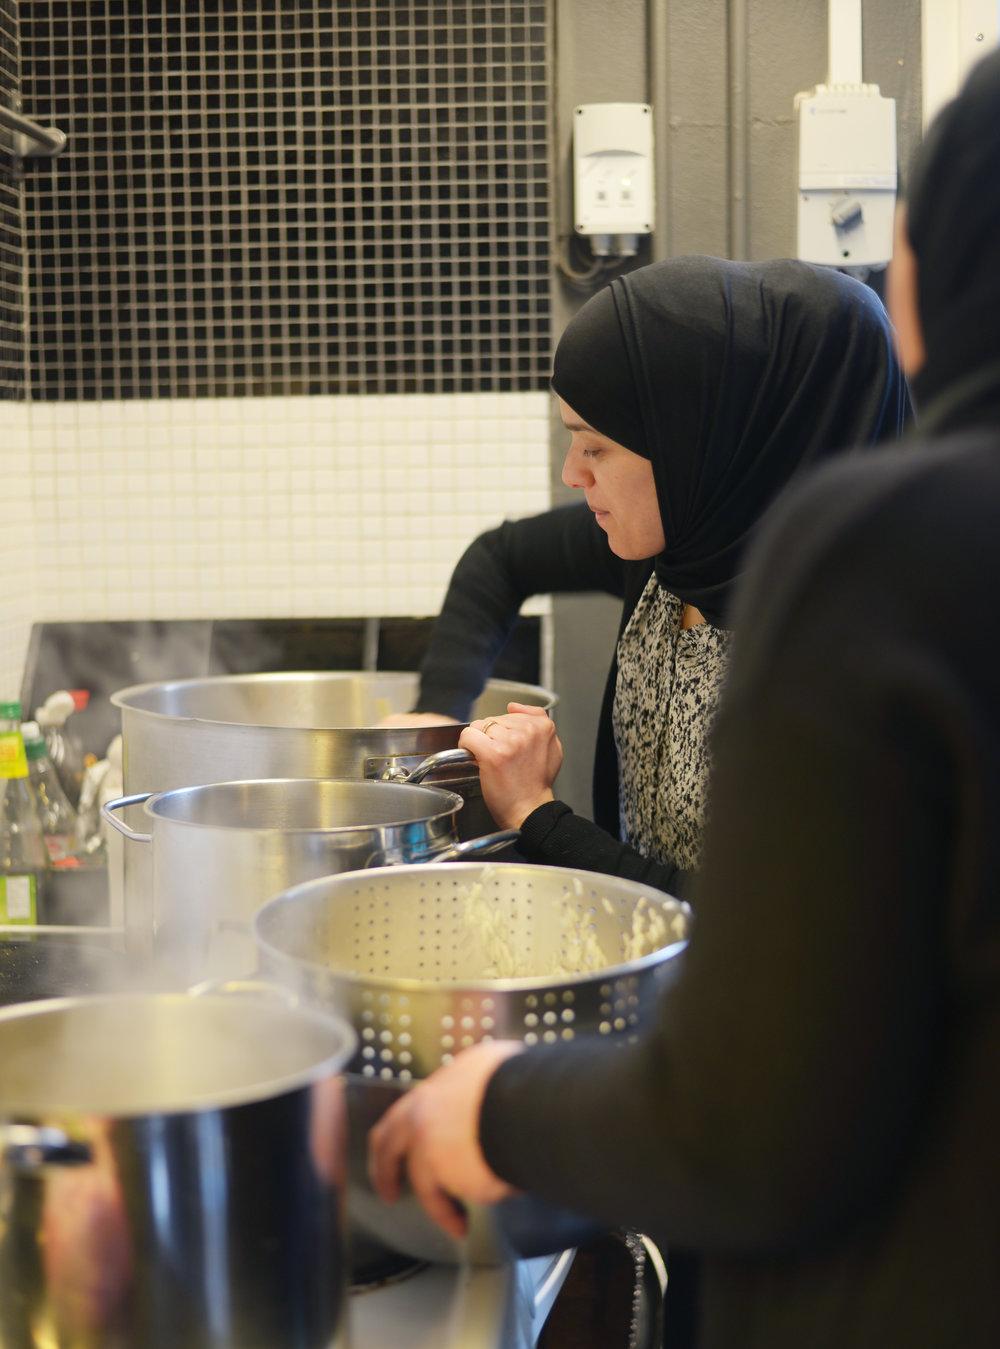 Vores fællesskab vokser, og det samme gør presset på vores køkken! Vi drømmer om et køkken med plads til et helt madlavningshold, hvor der ikke er nogen ødelagte kogeplader, og med en opvaskemaskine som ikke er 45 minutter om at blive færdig. Hvis du donerer 500 kr. kan du hjælpe os med at investere i et nyt køkken.